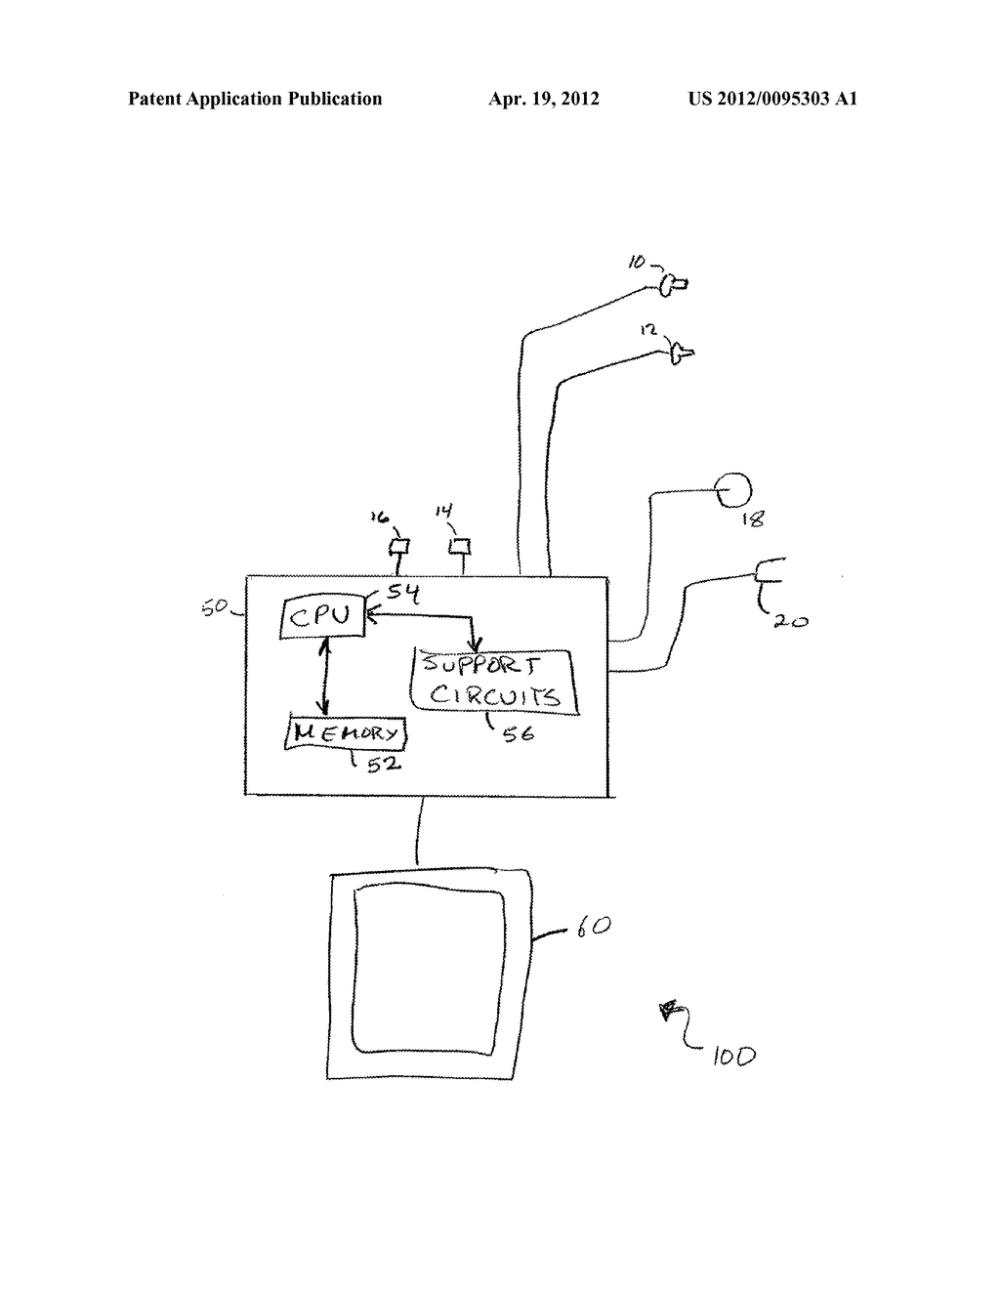 medium resolution of method for non invasive blood glucose monitoring diagram circuit diagram non invasive glucose meter